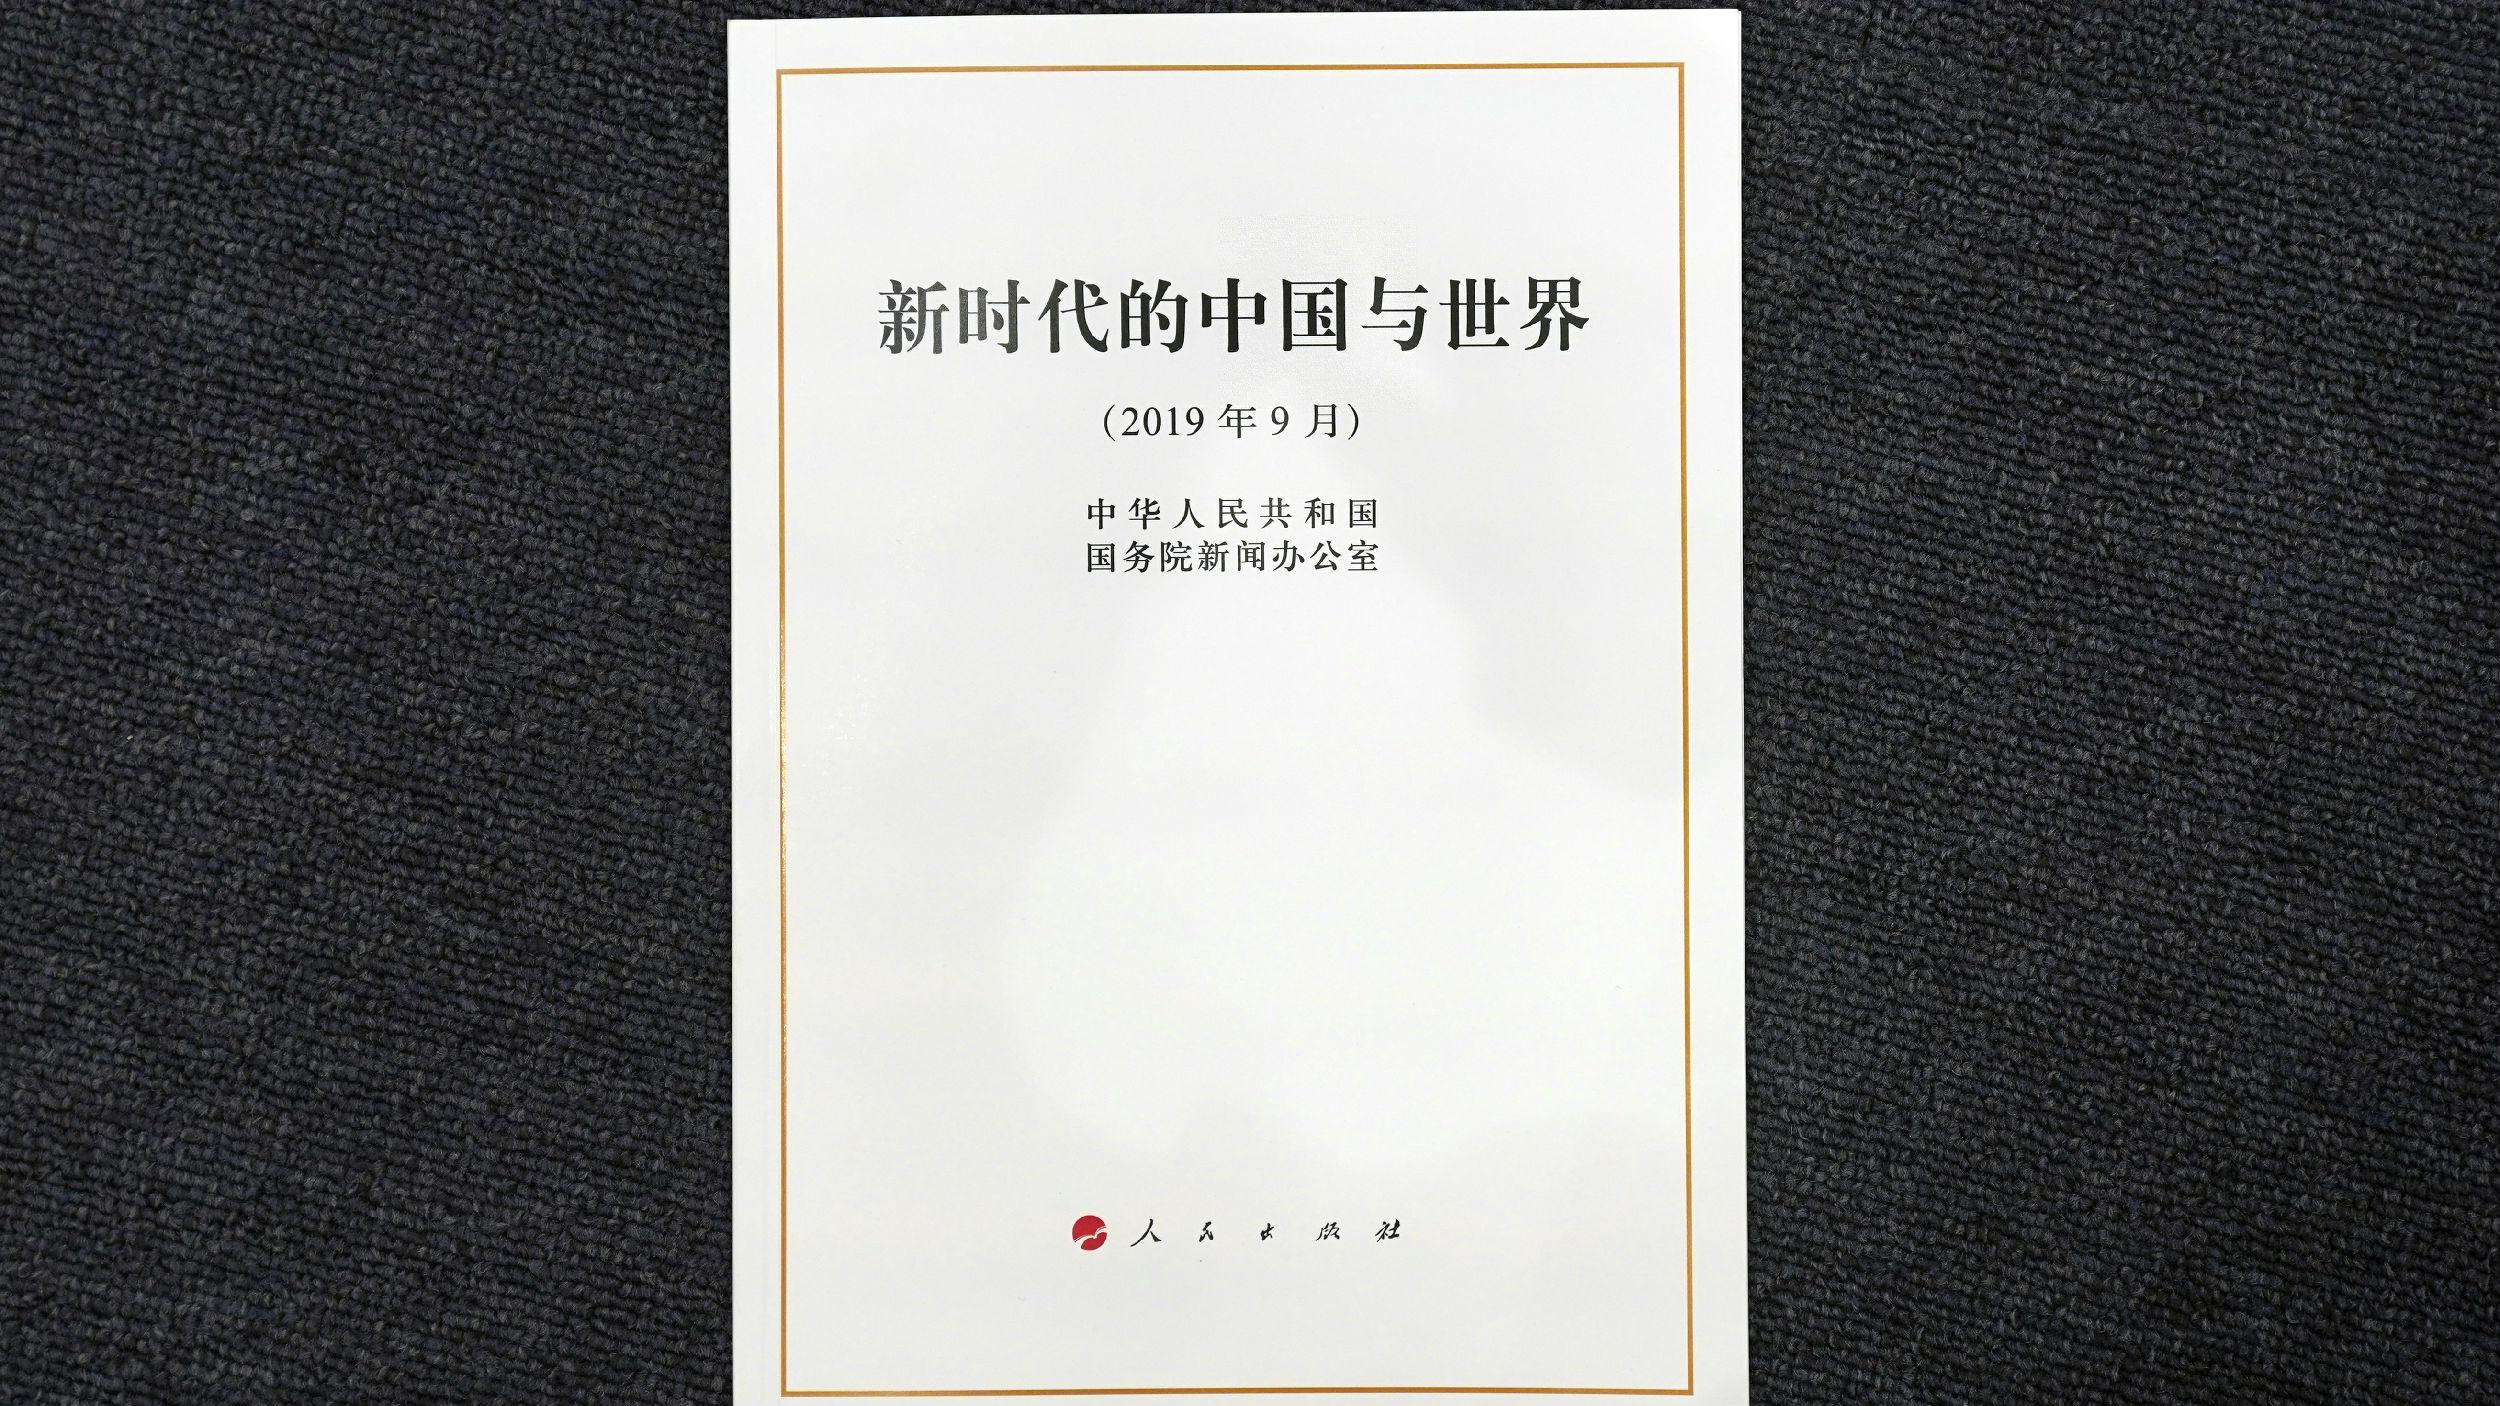 境外媒体:中国郑重宣示新时代世界观